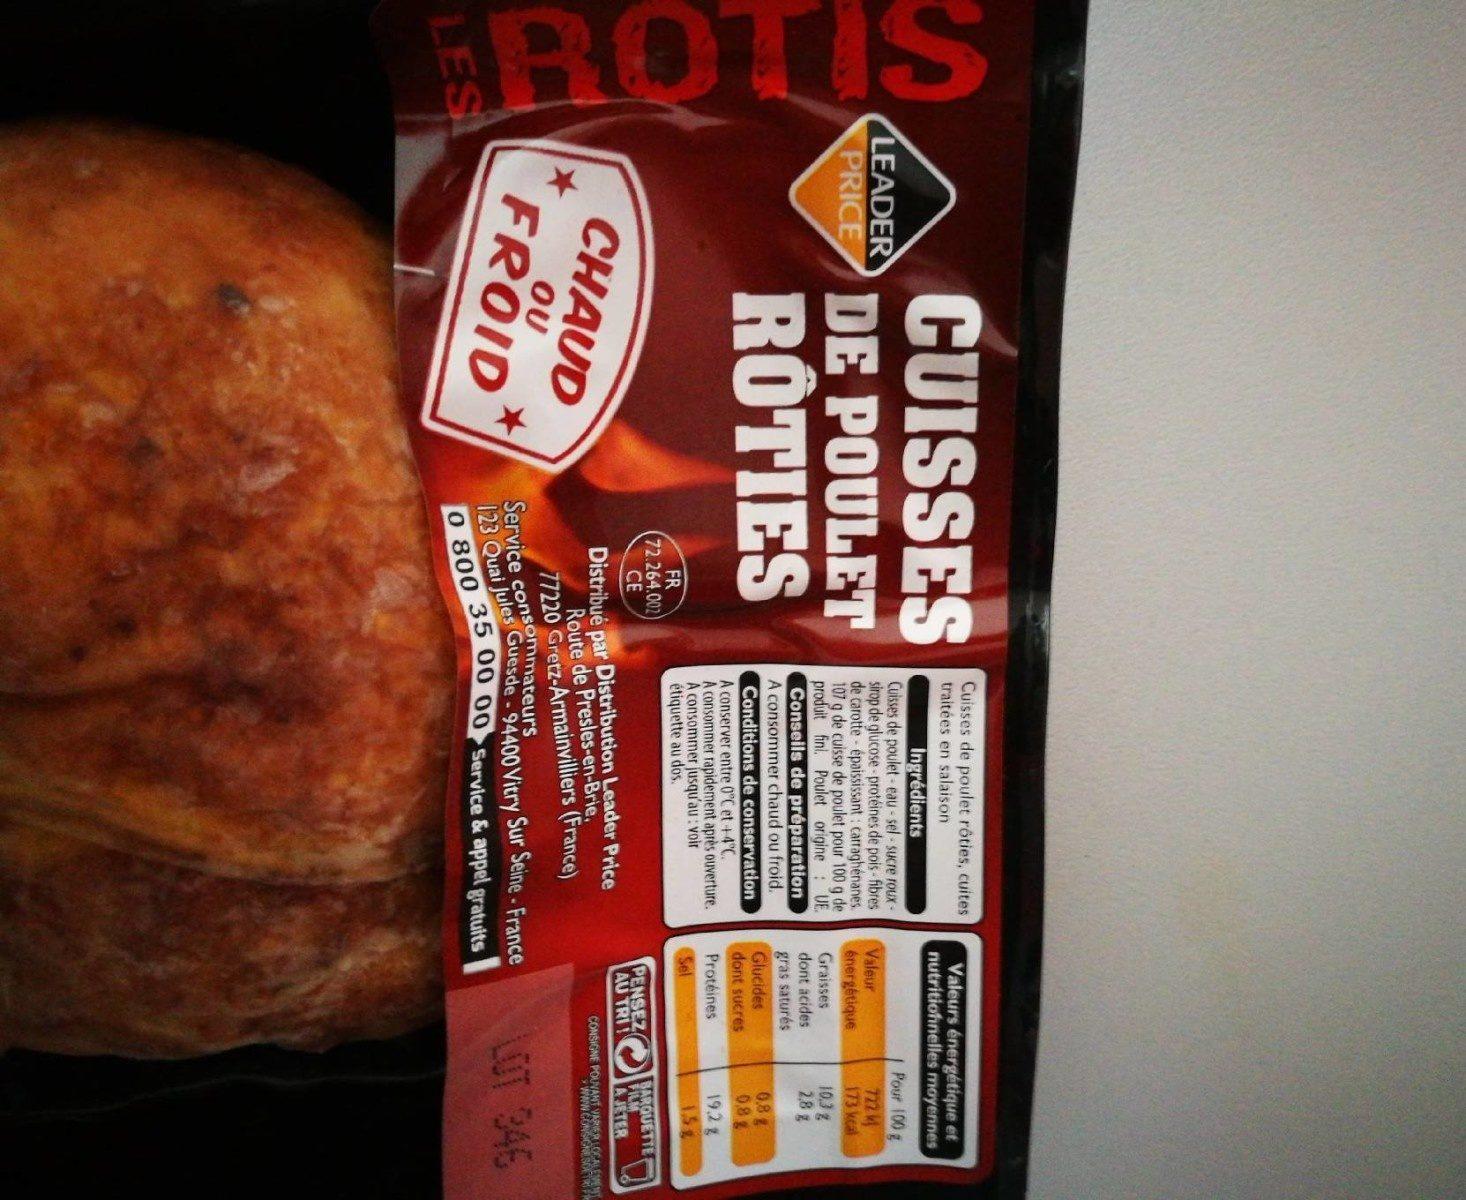 Cuisses de poulet rôties - Prodotto - fr